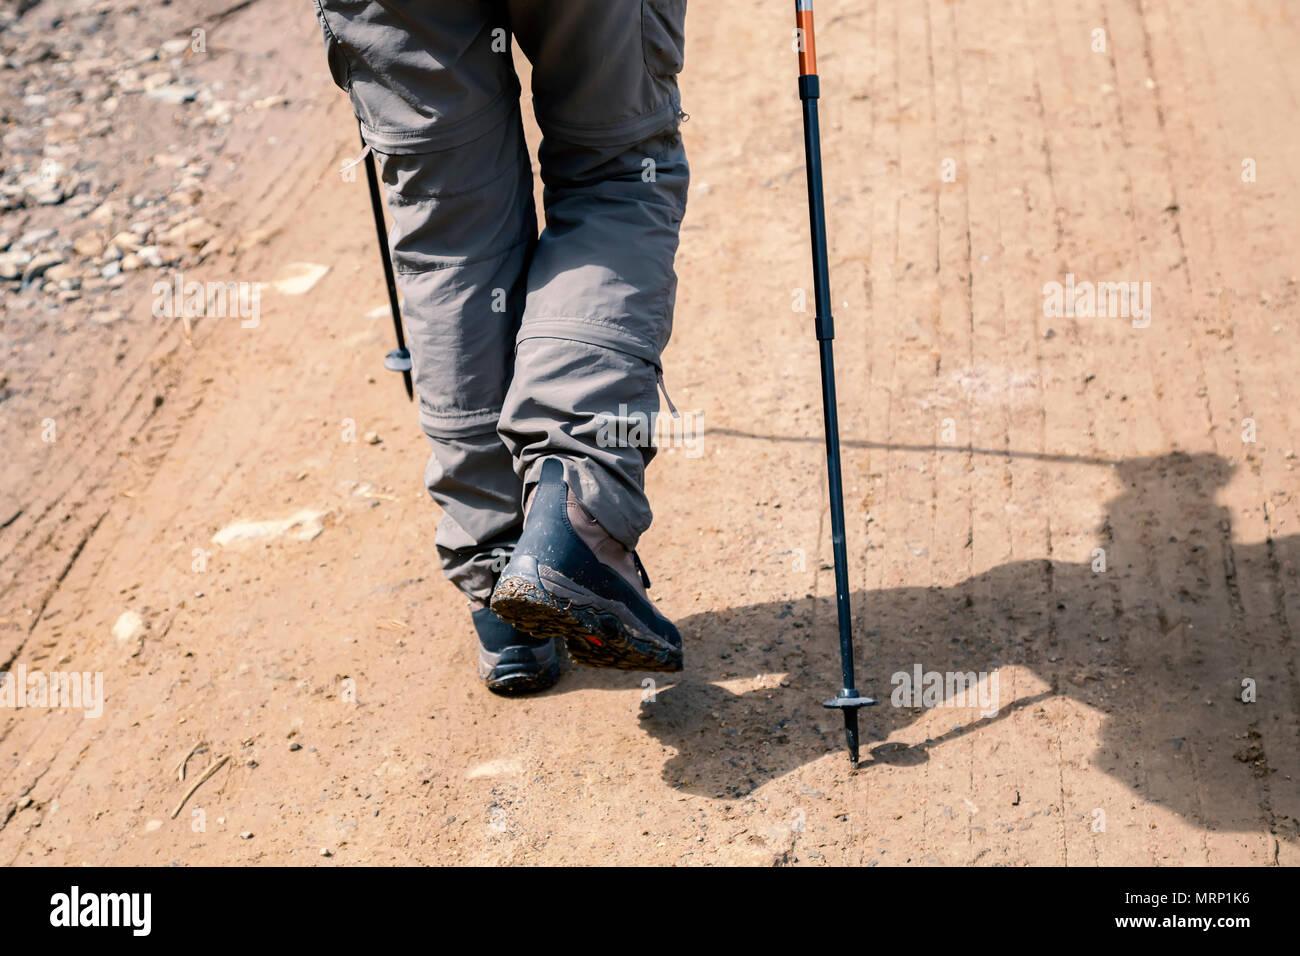 new products 9ab9b 77ff1 In viaggio in montagna con attrezzatura per le escursioni ...